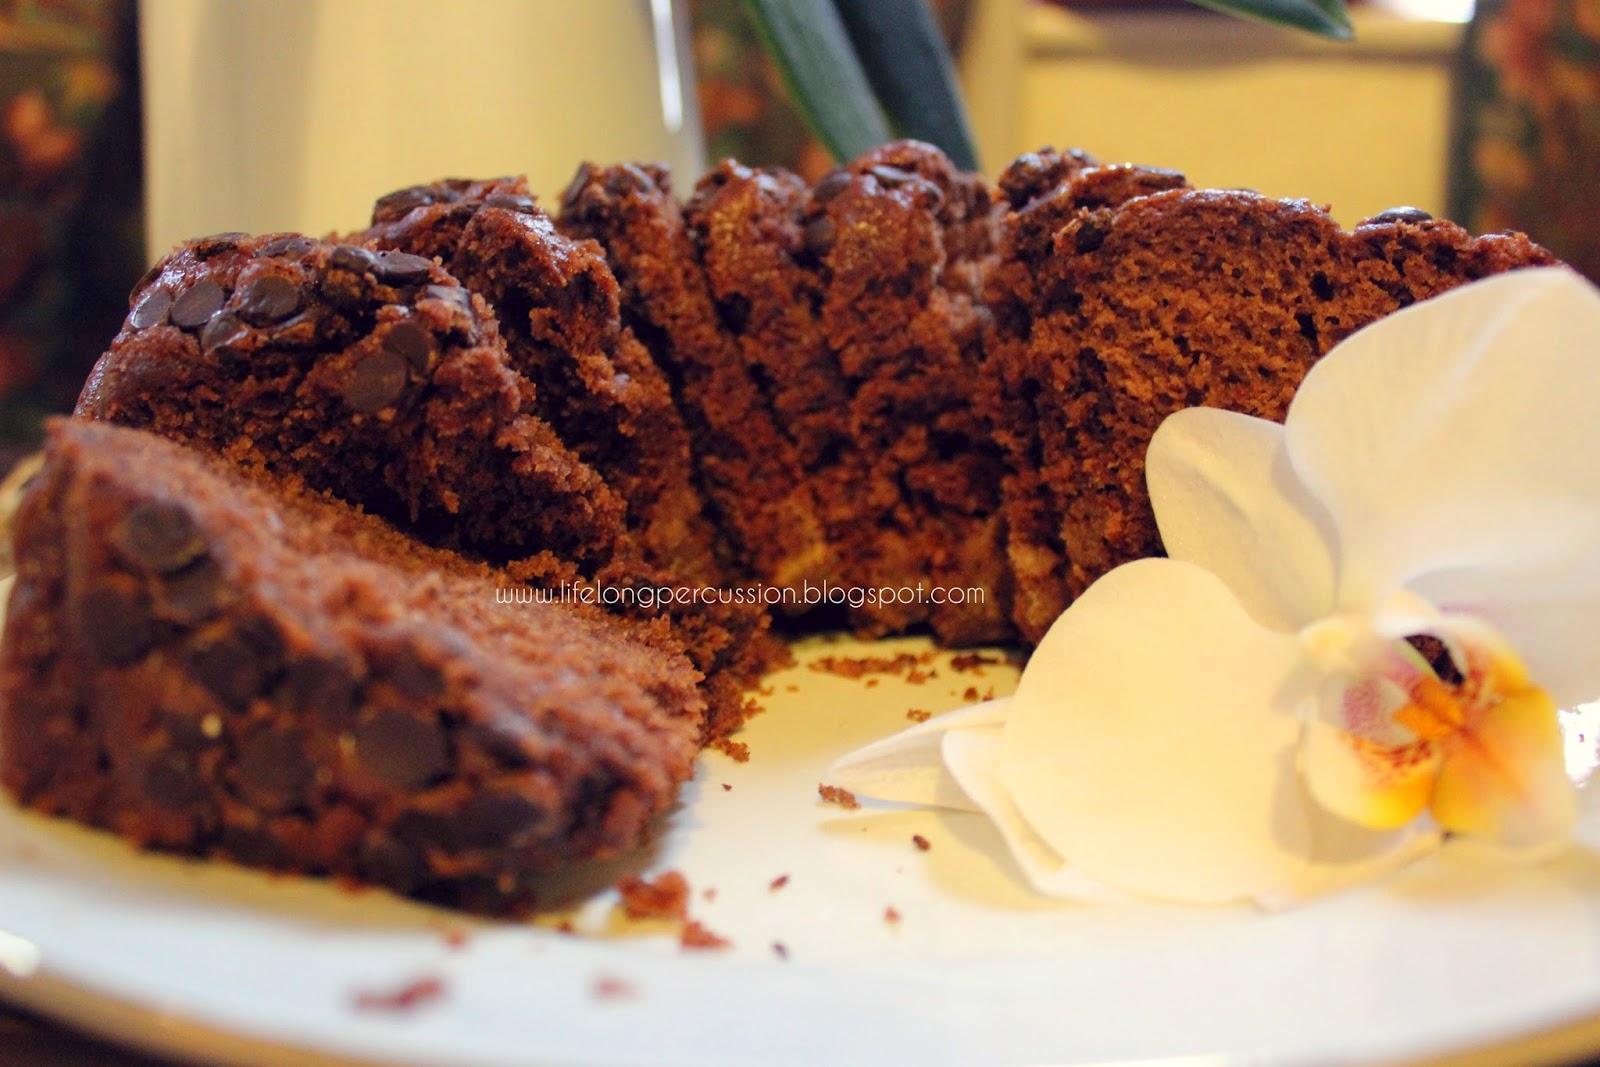 Mama S Cake Recipe Italian: Life-Long Percussion: Mama's Double Chocolate Cake Recipe